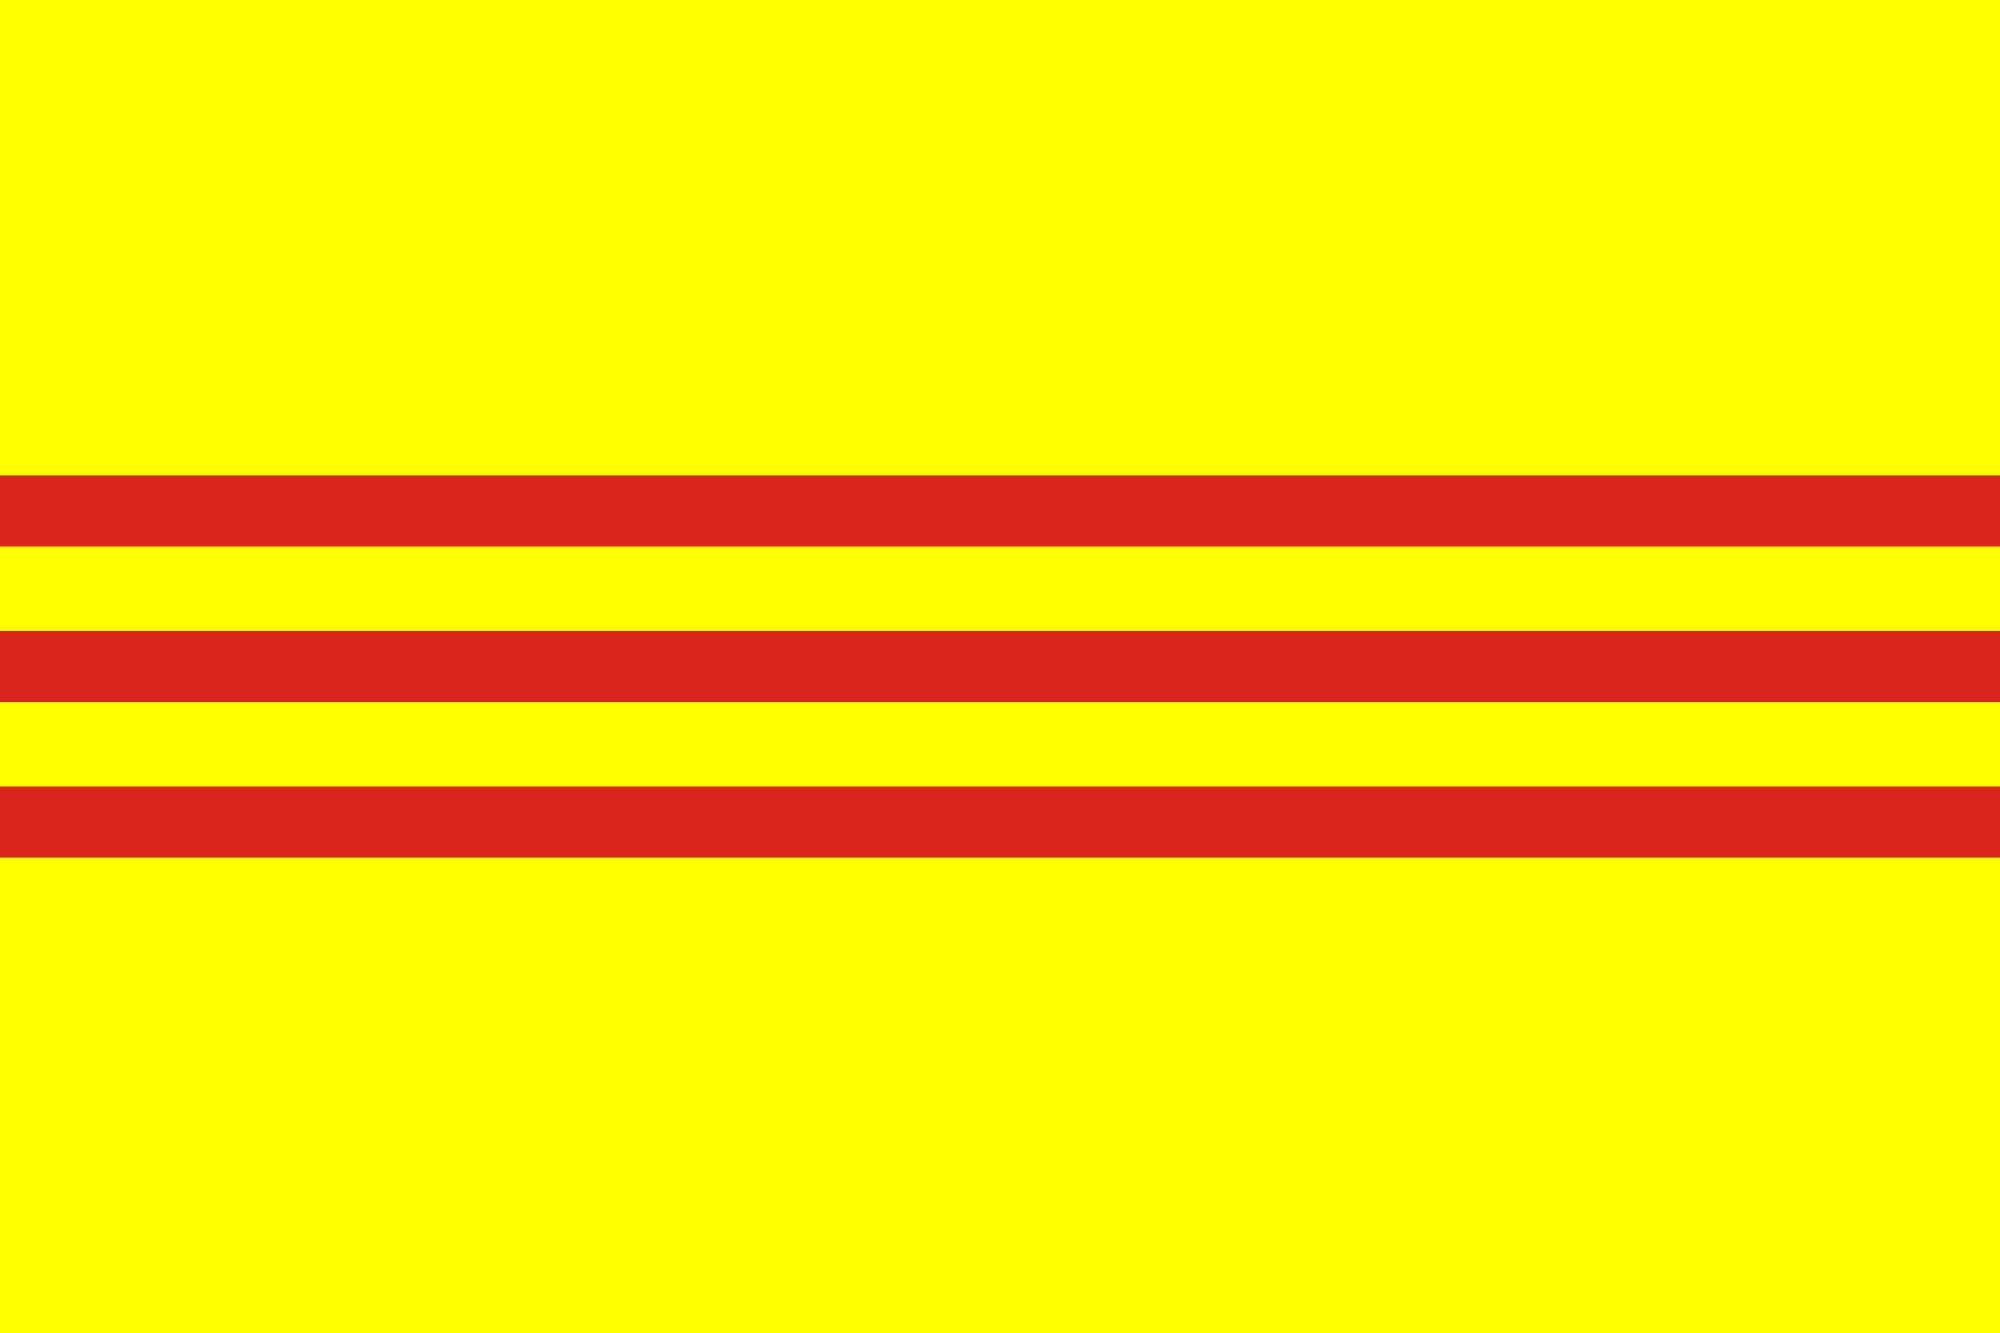 SOUTH VIETNAM FLAG flags vietnamese wallpaper 2000x1333 508520 2000x1333